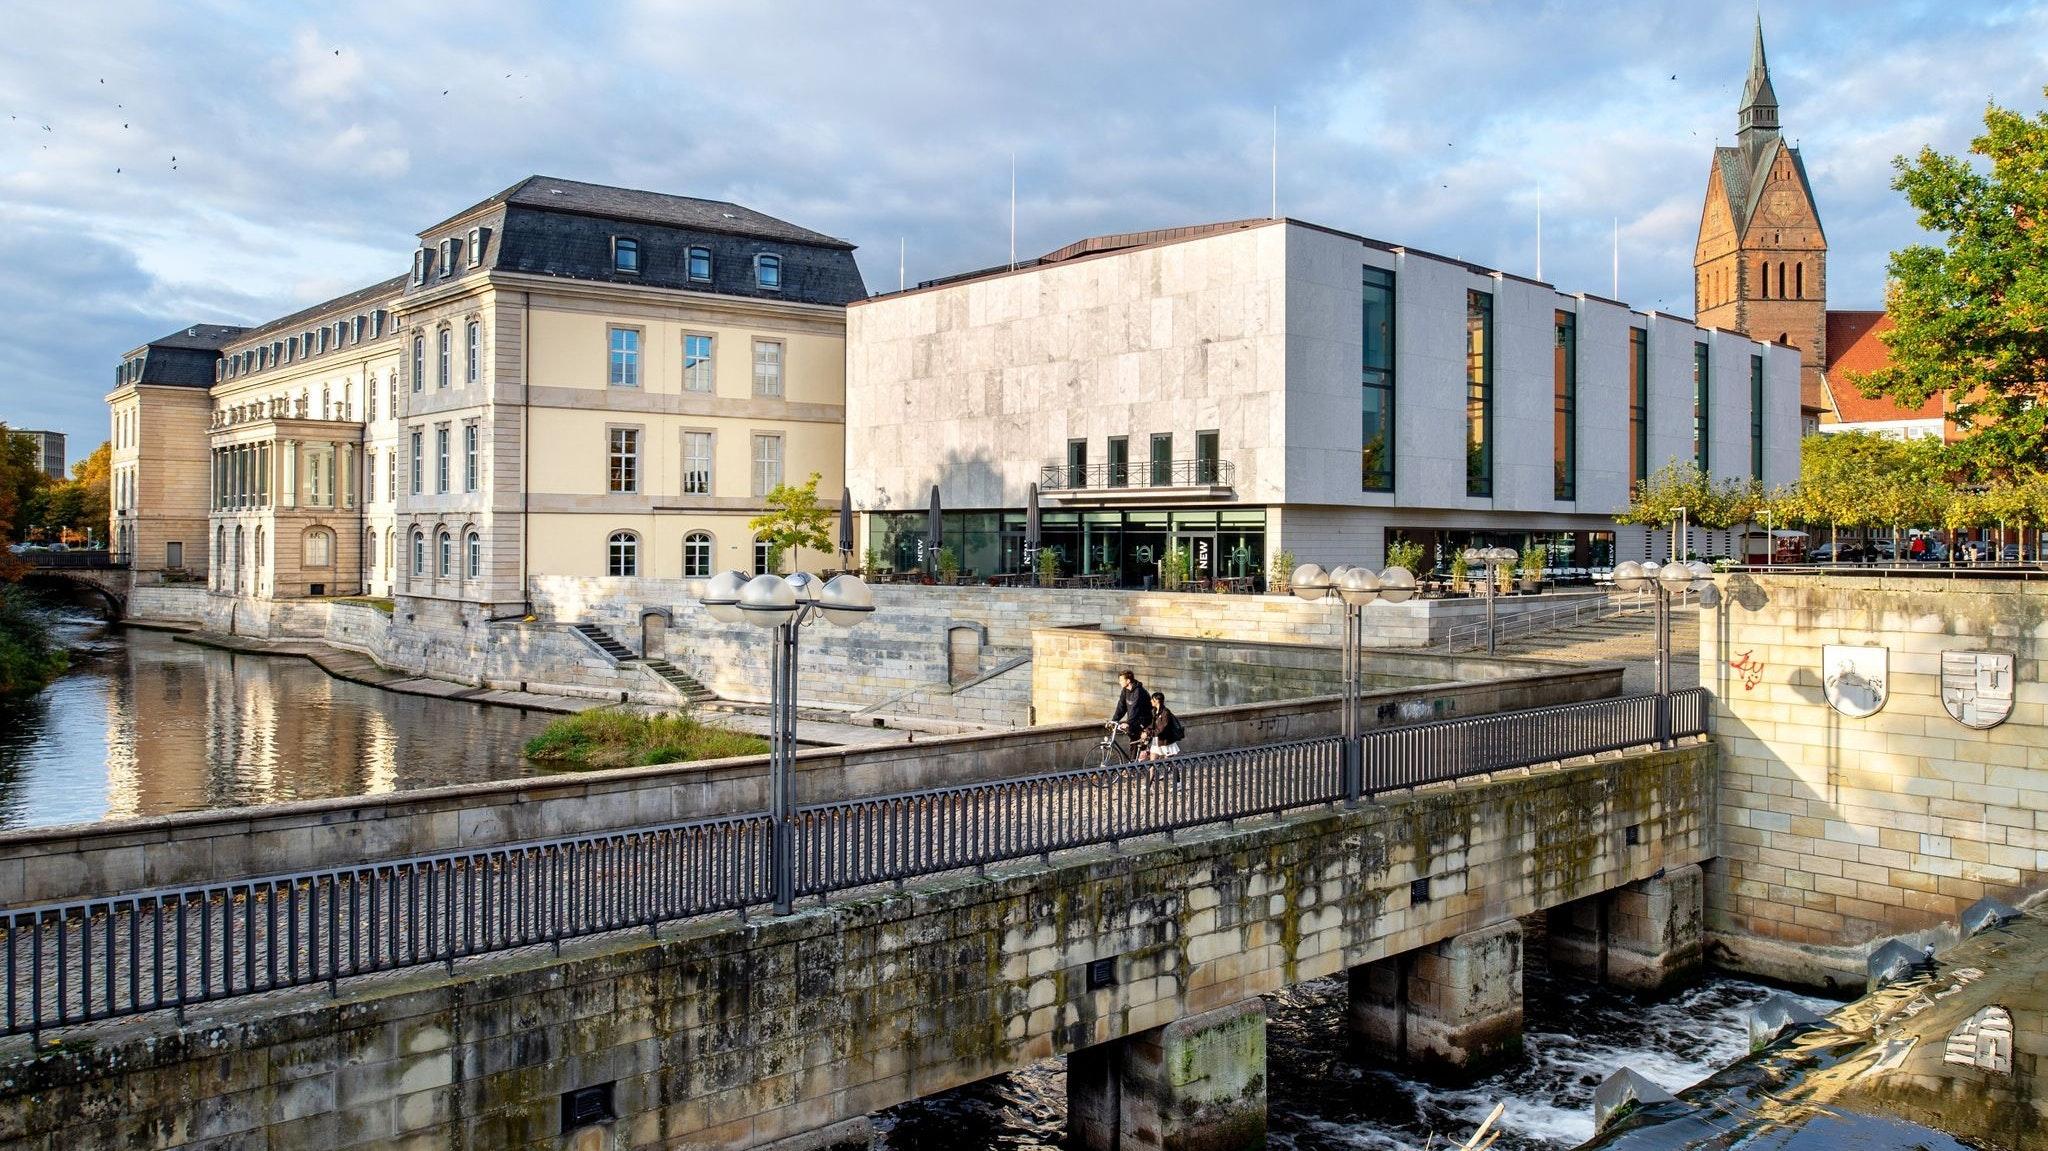 Das Leineschloss, Sitz des niedersächsischen Landtags. Hier werden wichtige Entscheidungen getroffen. Foto: dpa/Dittrich